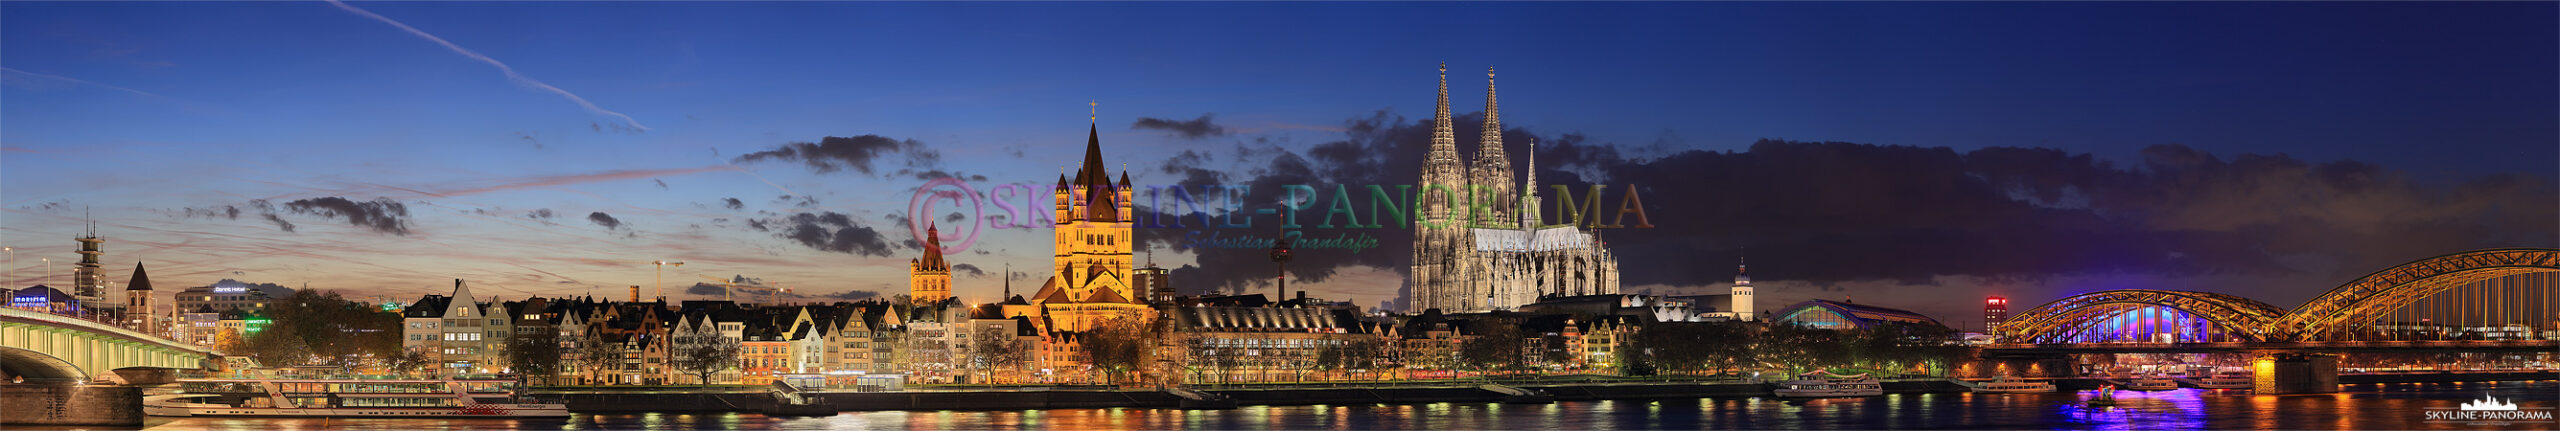 Bilder Köln - Das abendliche Skyline Panorama von Köln mit einer Ansicht, die die Altstadt zwischen der Deutzer Brücke und der Hohenzollernbrücke zeigt. Dieses Panorama entstand im Herbst 2013 kurz nach Sonnenuntergang, zur Blauen Stunde.